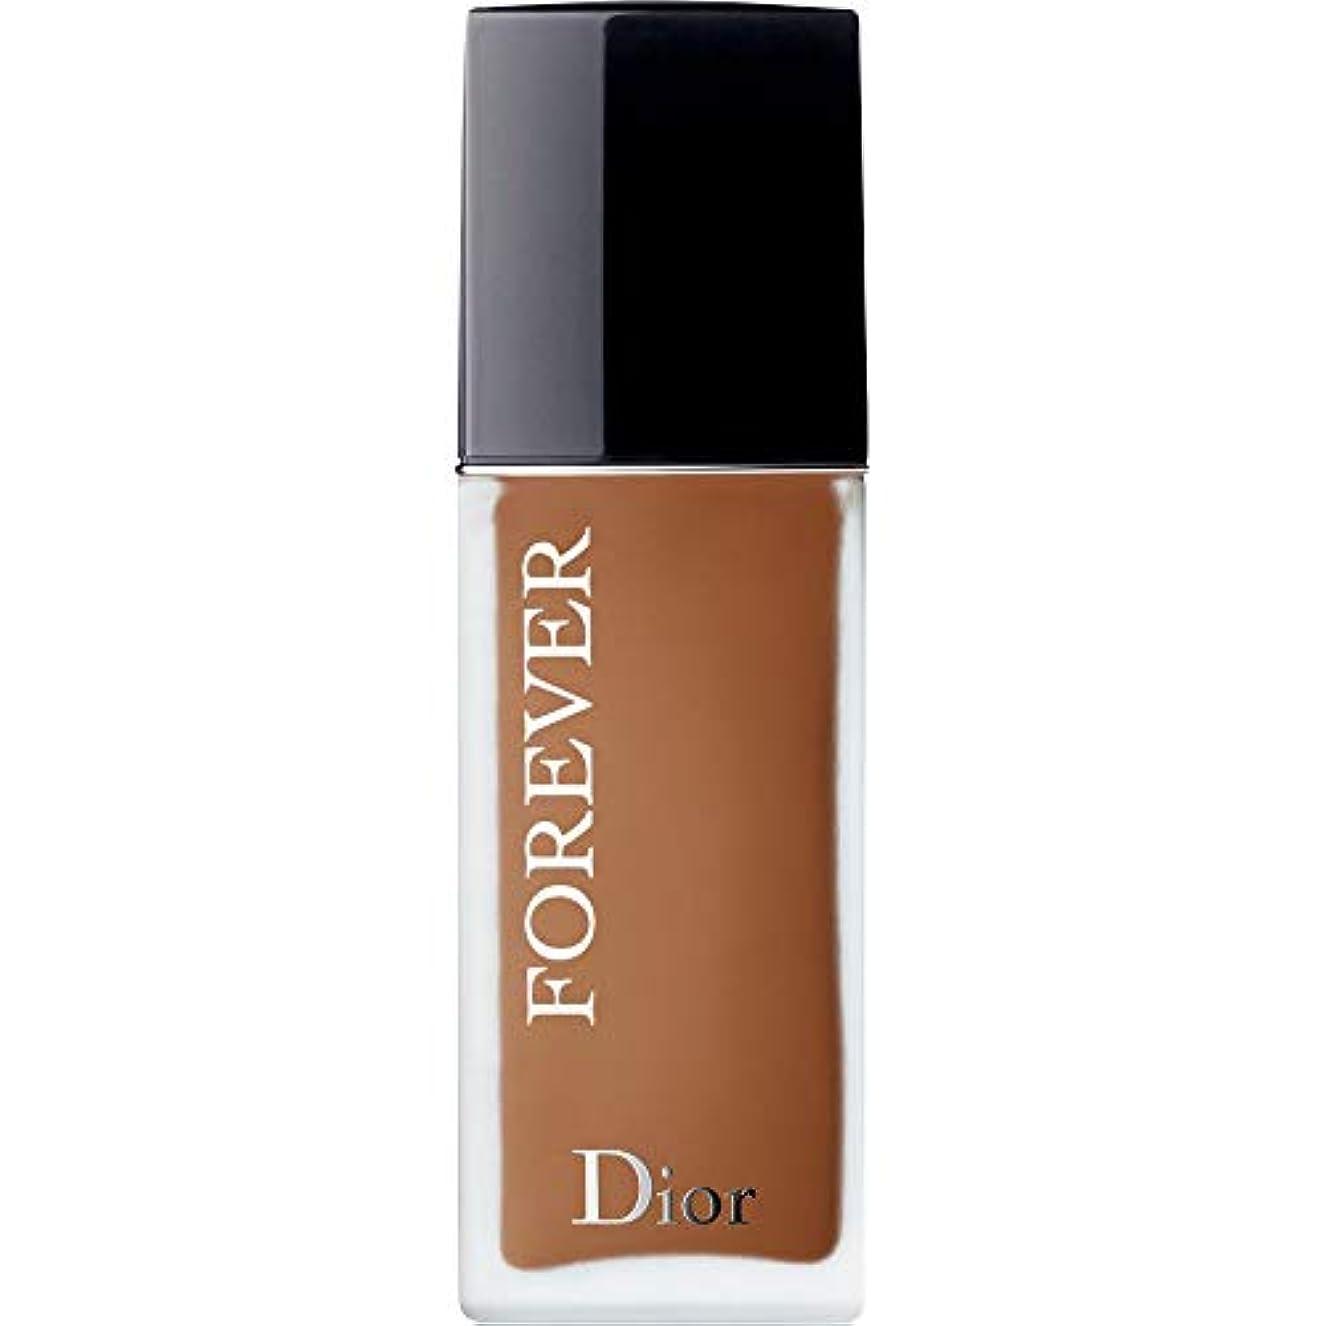 ペチュランス前売エキゾチック[Dior ] ディオール永遠皮膚思いやりの基盤Spf35 30ミリリットルの6N - ニュートラル(つや消し) - DIOR Forever Skin-Caring Foundation SPF35 30ml 6N -...